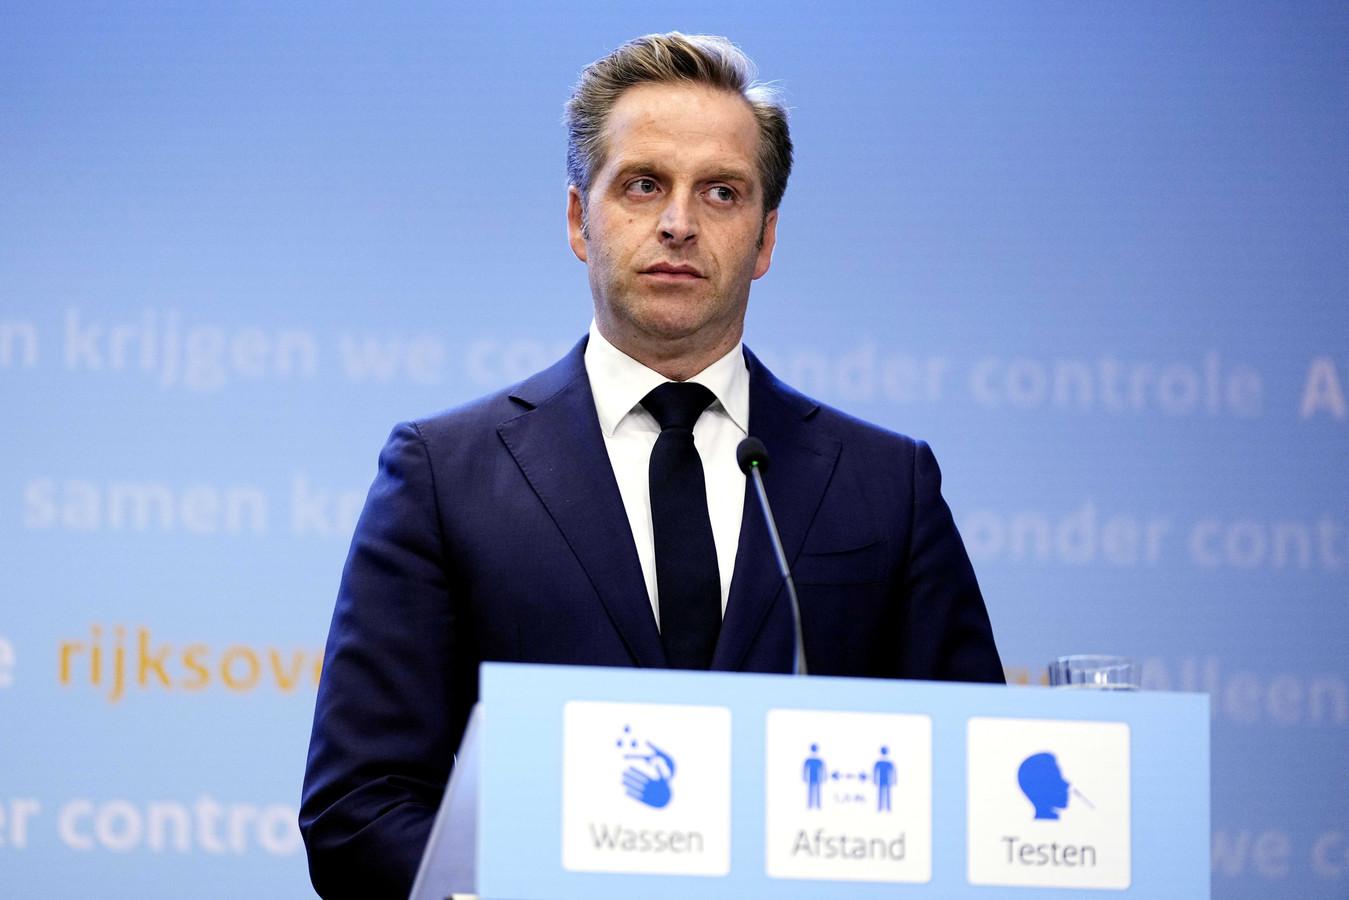 Coronaminister De Jonge buigt zich over de bedenkingen die het OMT bij het Janssen-vaccin heeft.